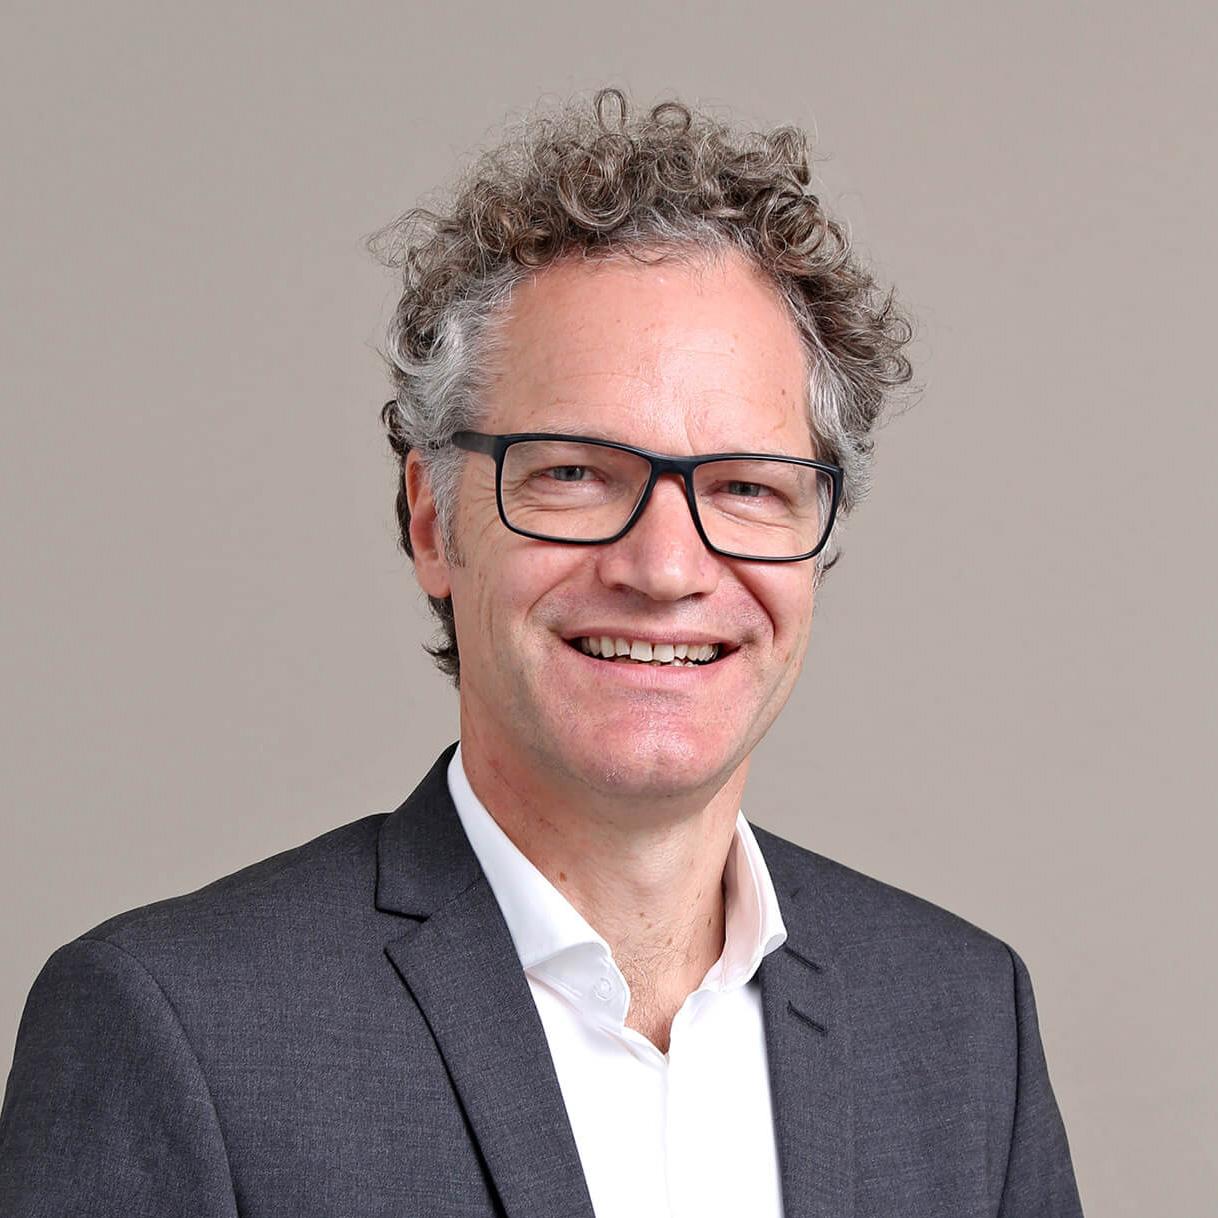 AWARO BIM consultant Dr. Christian Müller